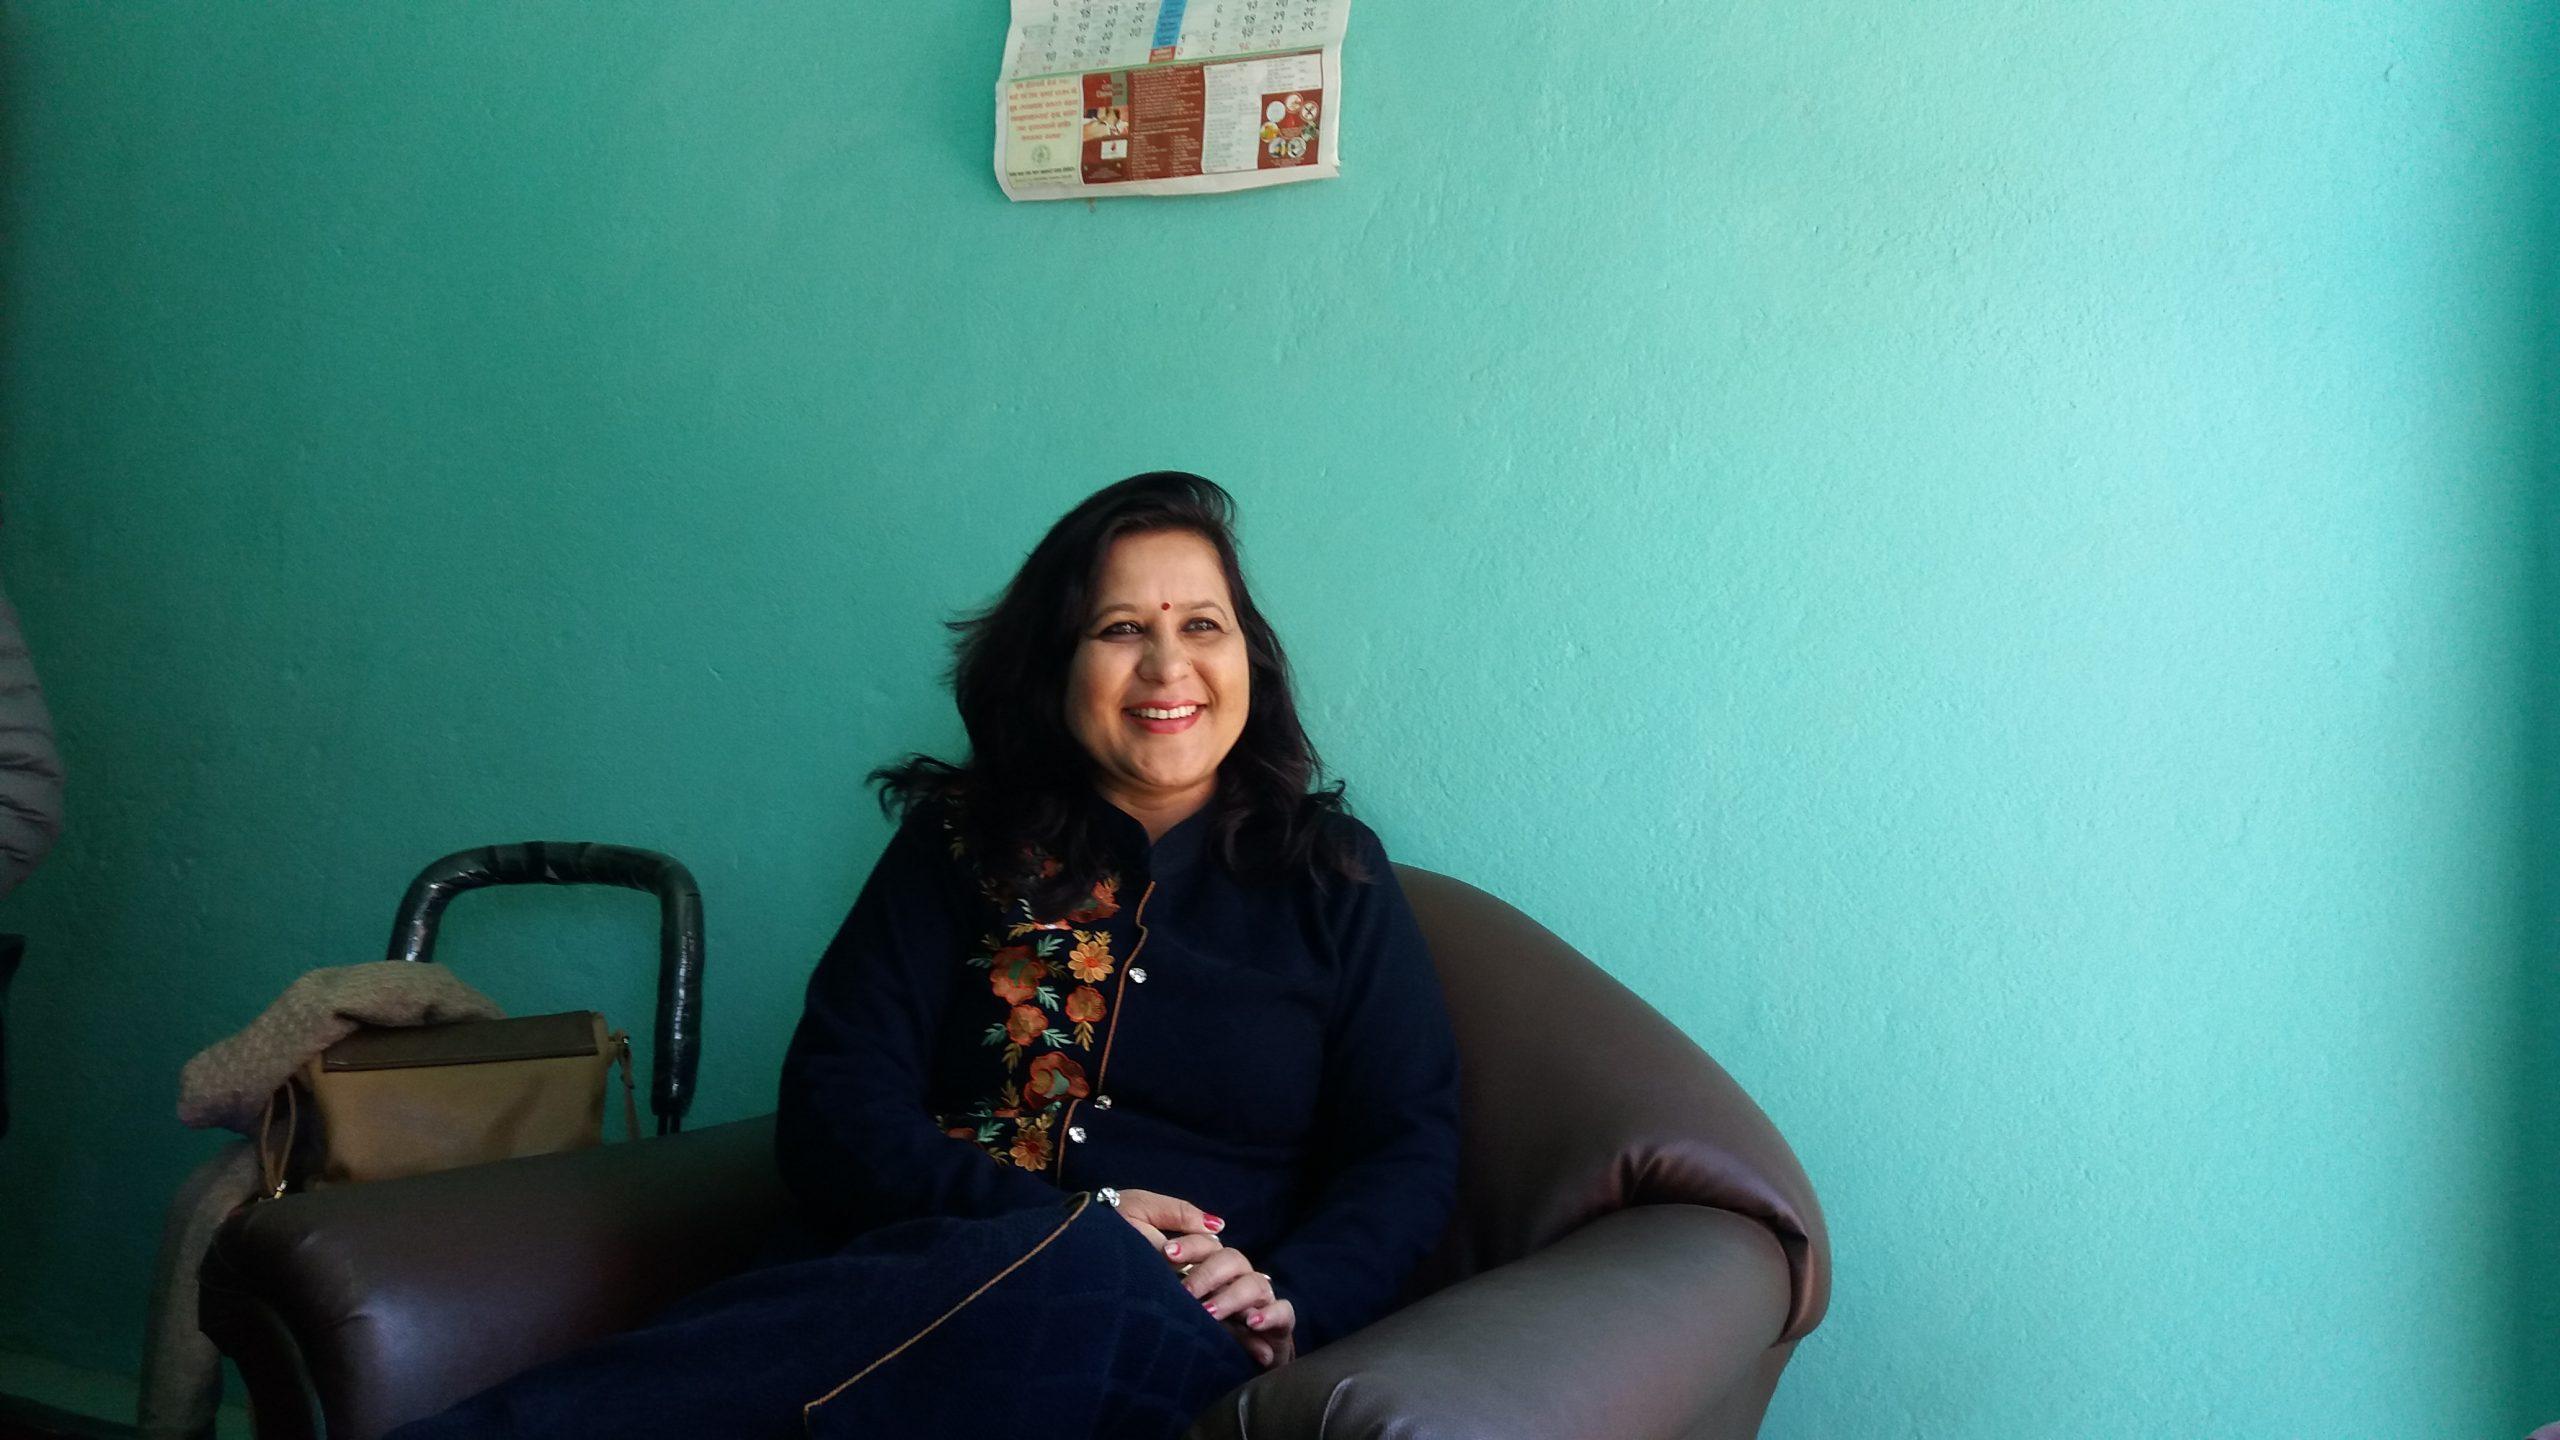 नेपाल हिन्दुराष्ट्र अवश्य हुनेछ– महासचिव अस्मिता भण्डारी